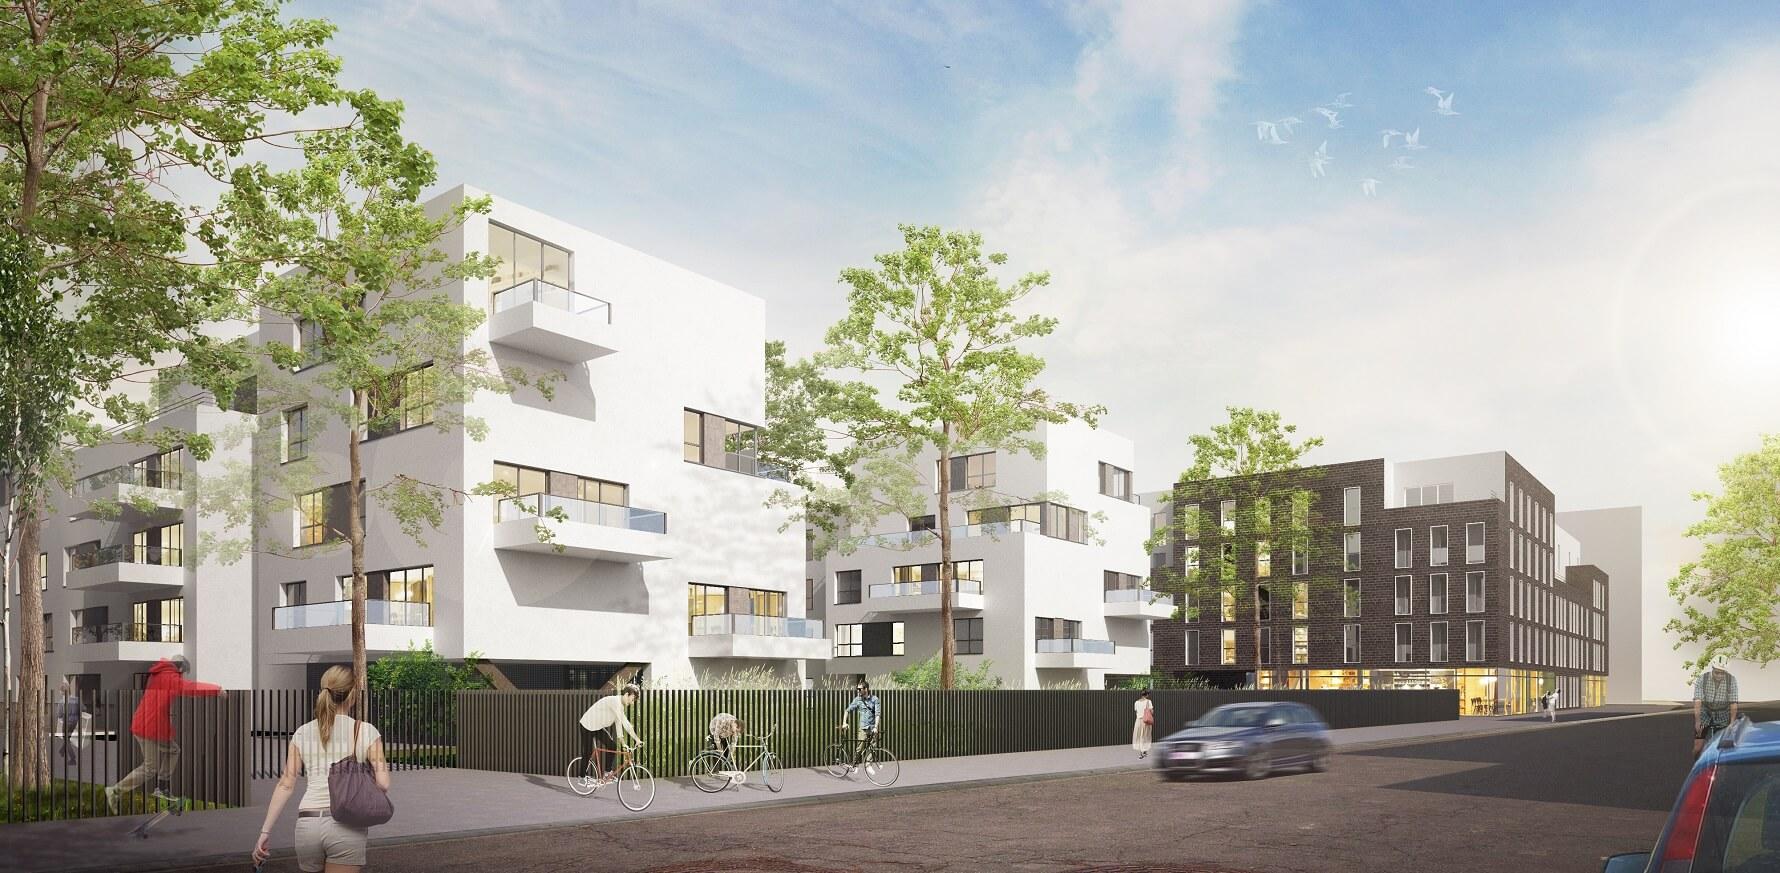 R habilitation site historique construction logements for Aea architecte